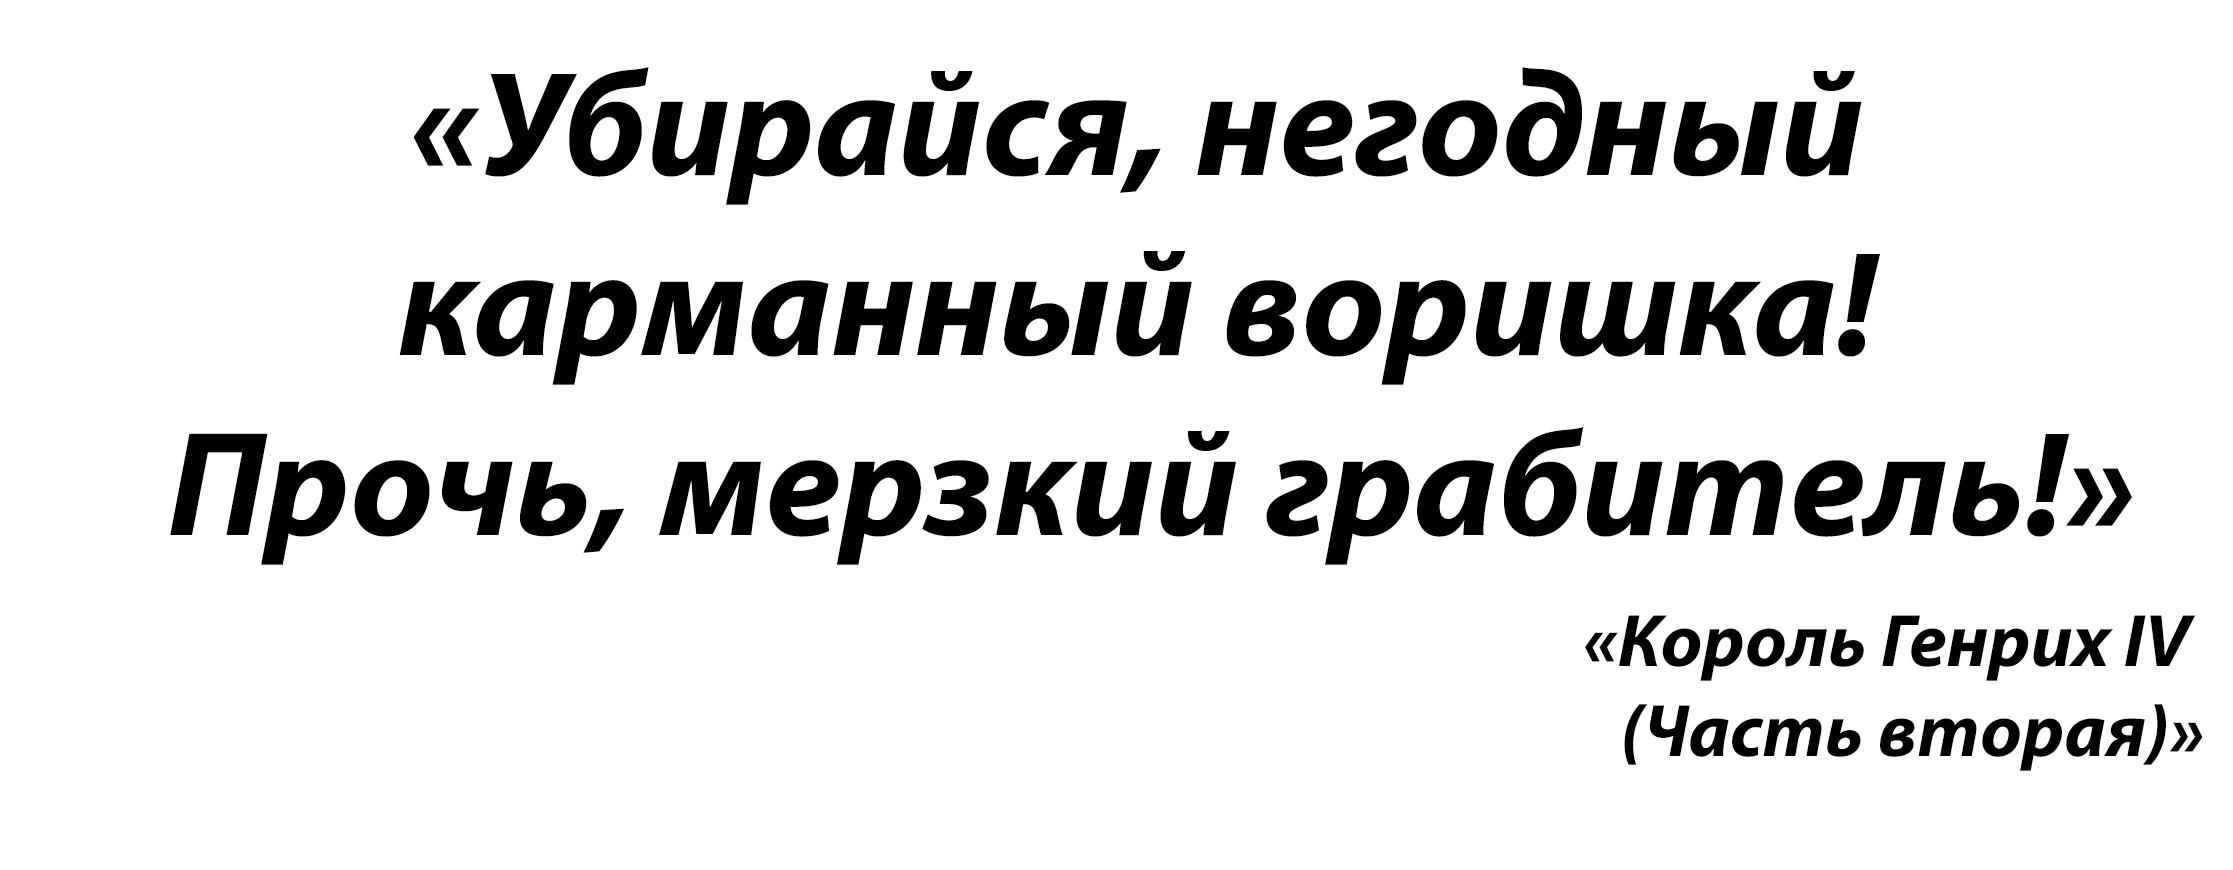 1596707954_03.jpg